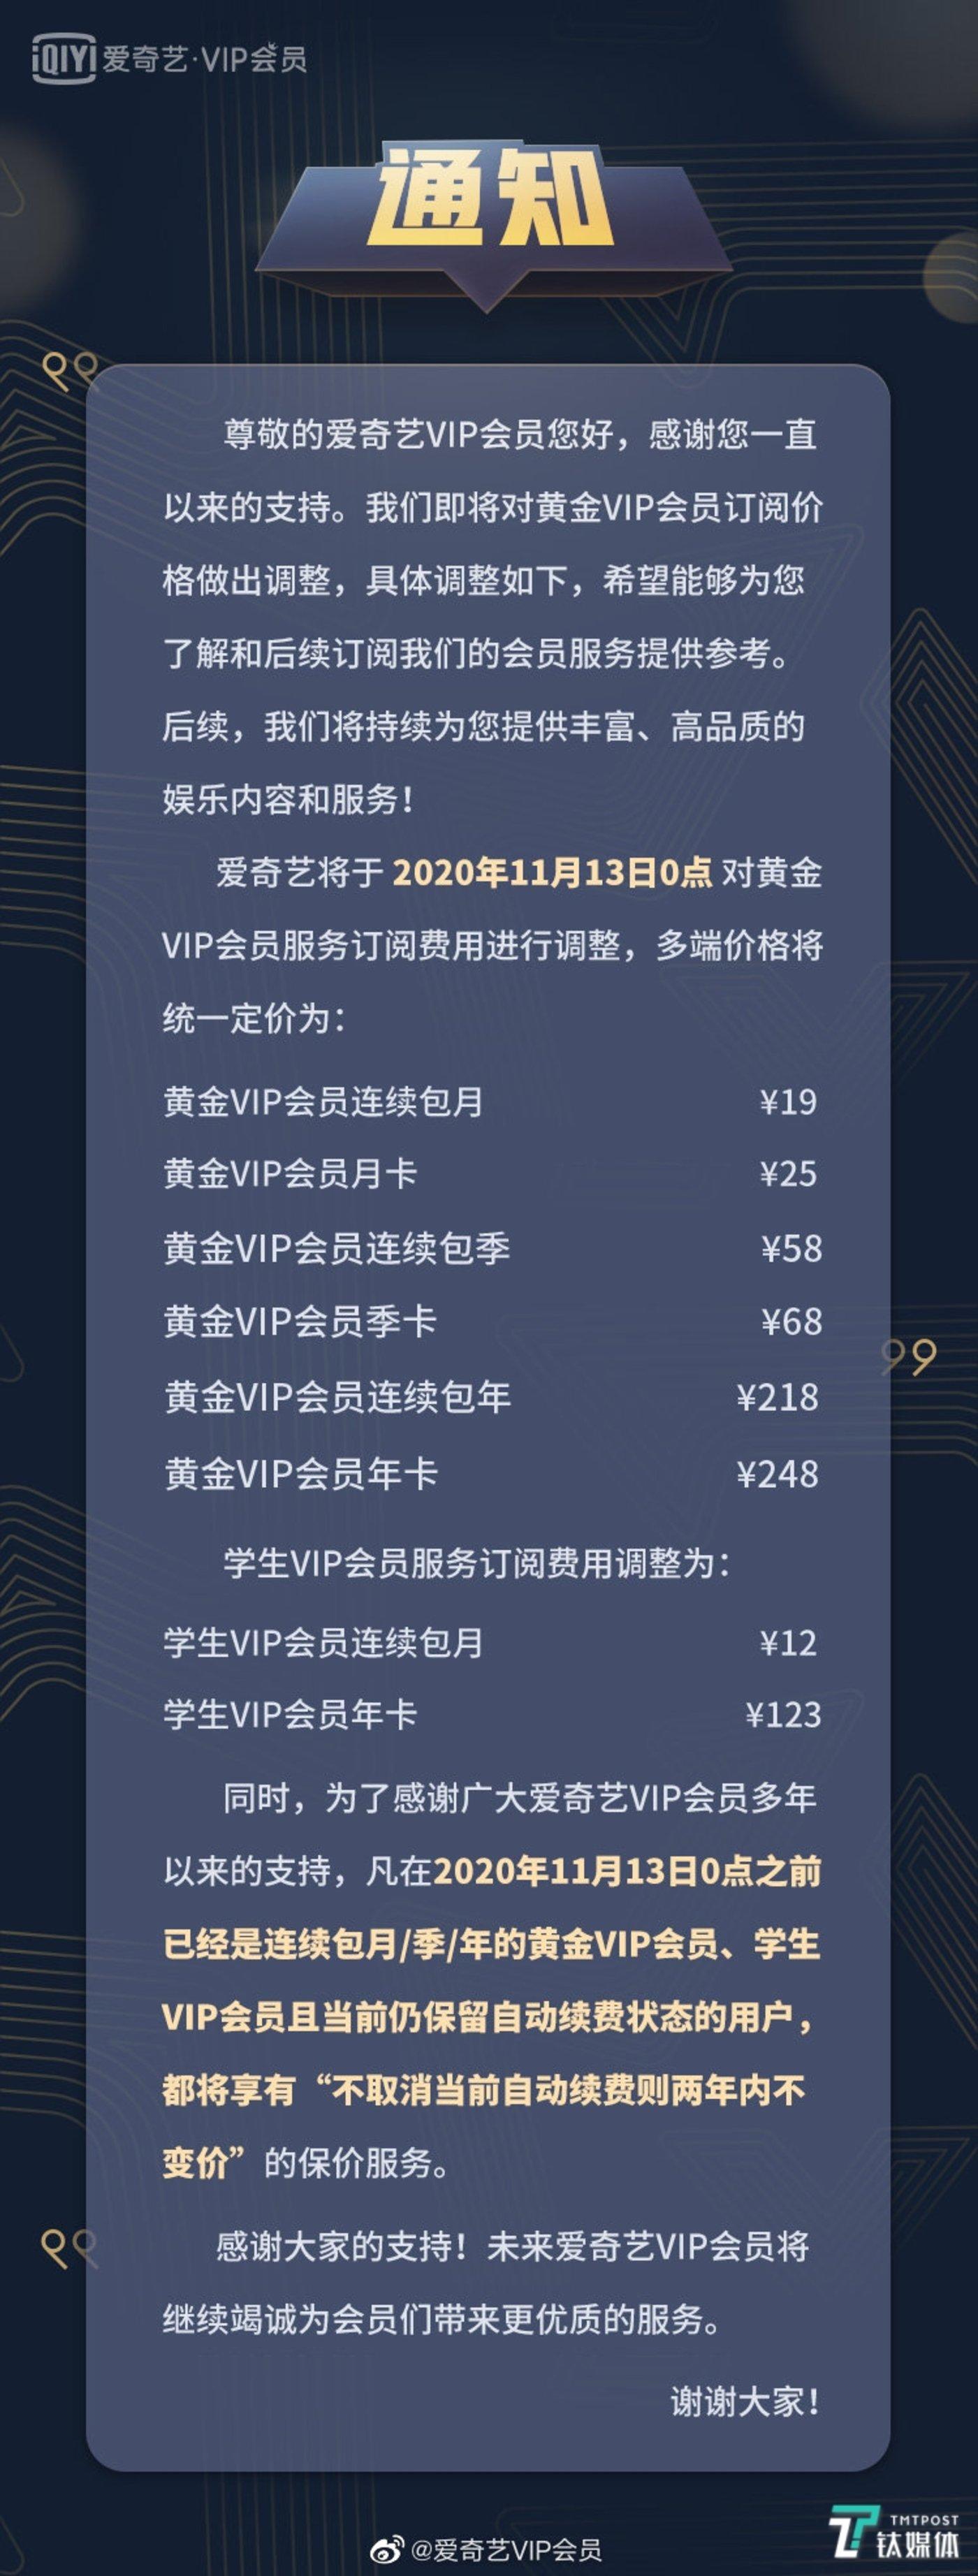 今年11月6日,爱奇艺正式宣布对黄金VIP会员、学生VIP会员订阅服务费用进行调整